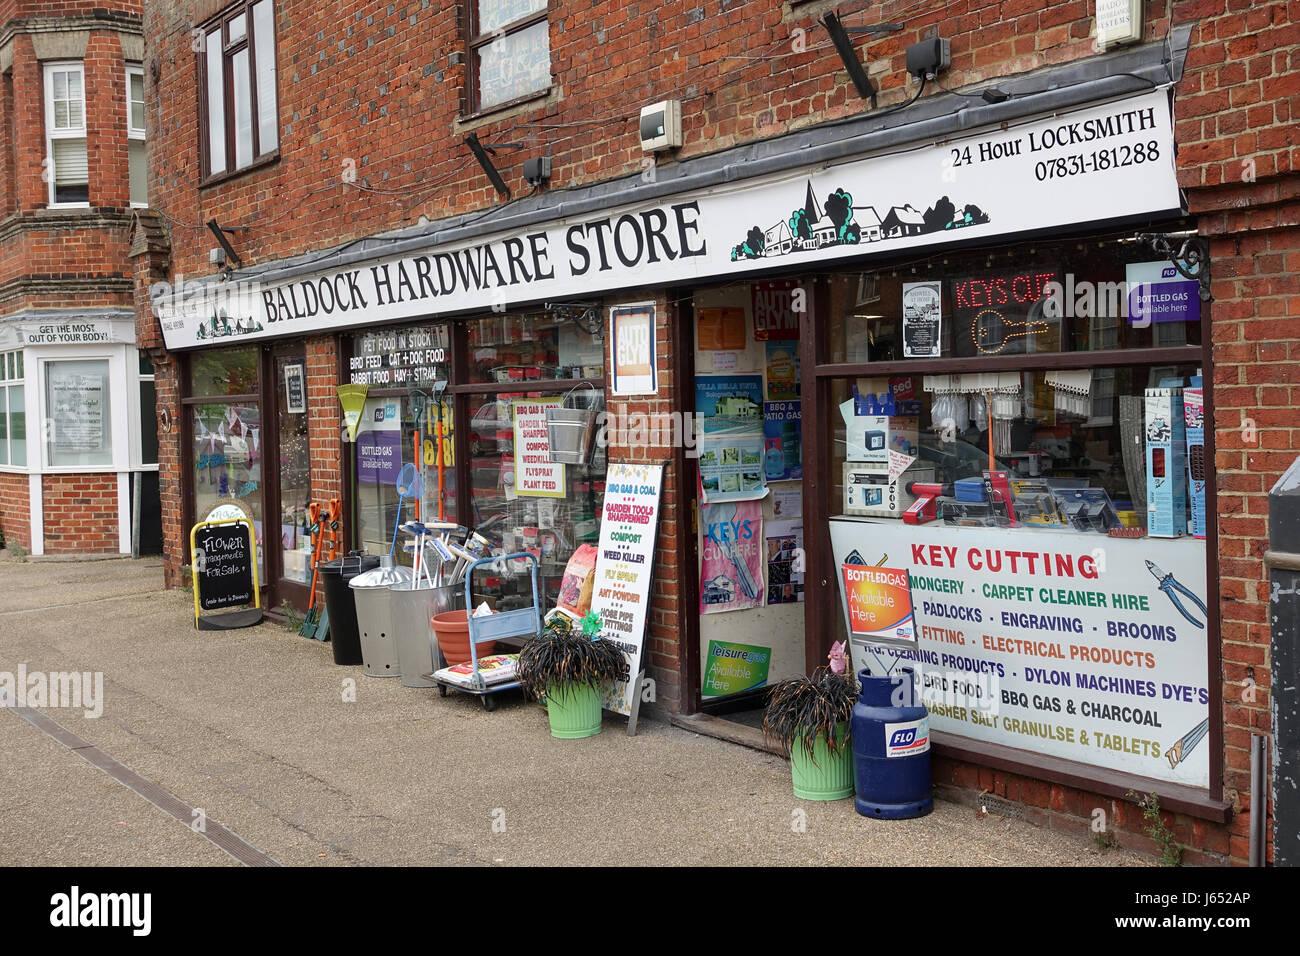 hardware and garden shop stock photos u0026 hardware and garden shop